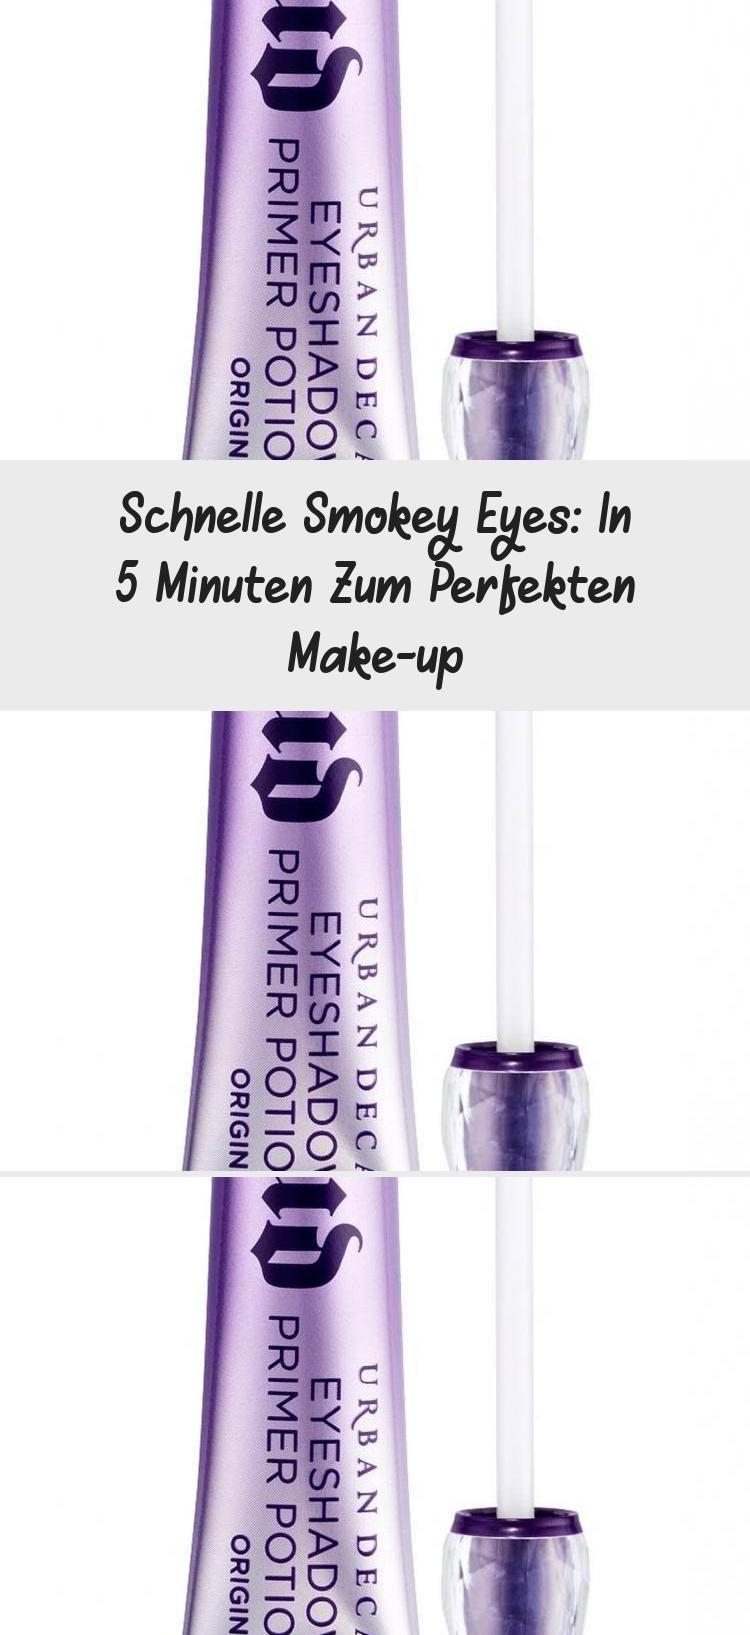 Photo of Schnelle Smokey Eyes: In 5 Minuten Zum Perfekten Make-up – Makeup